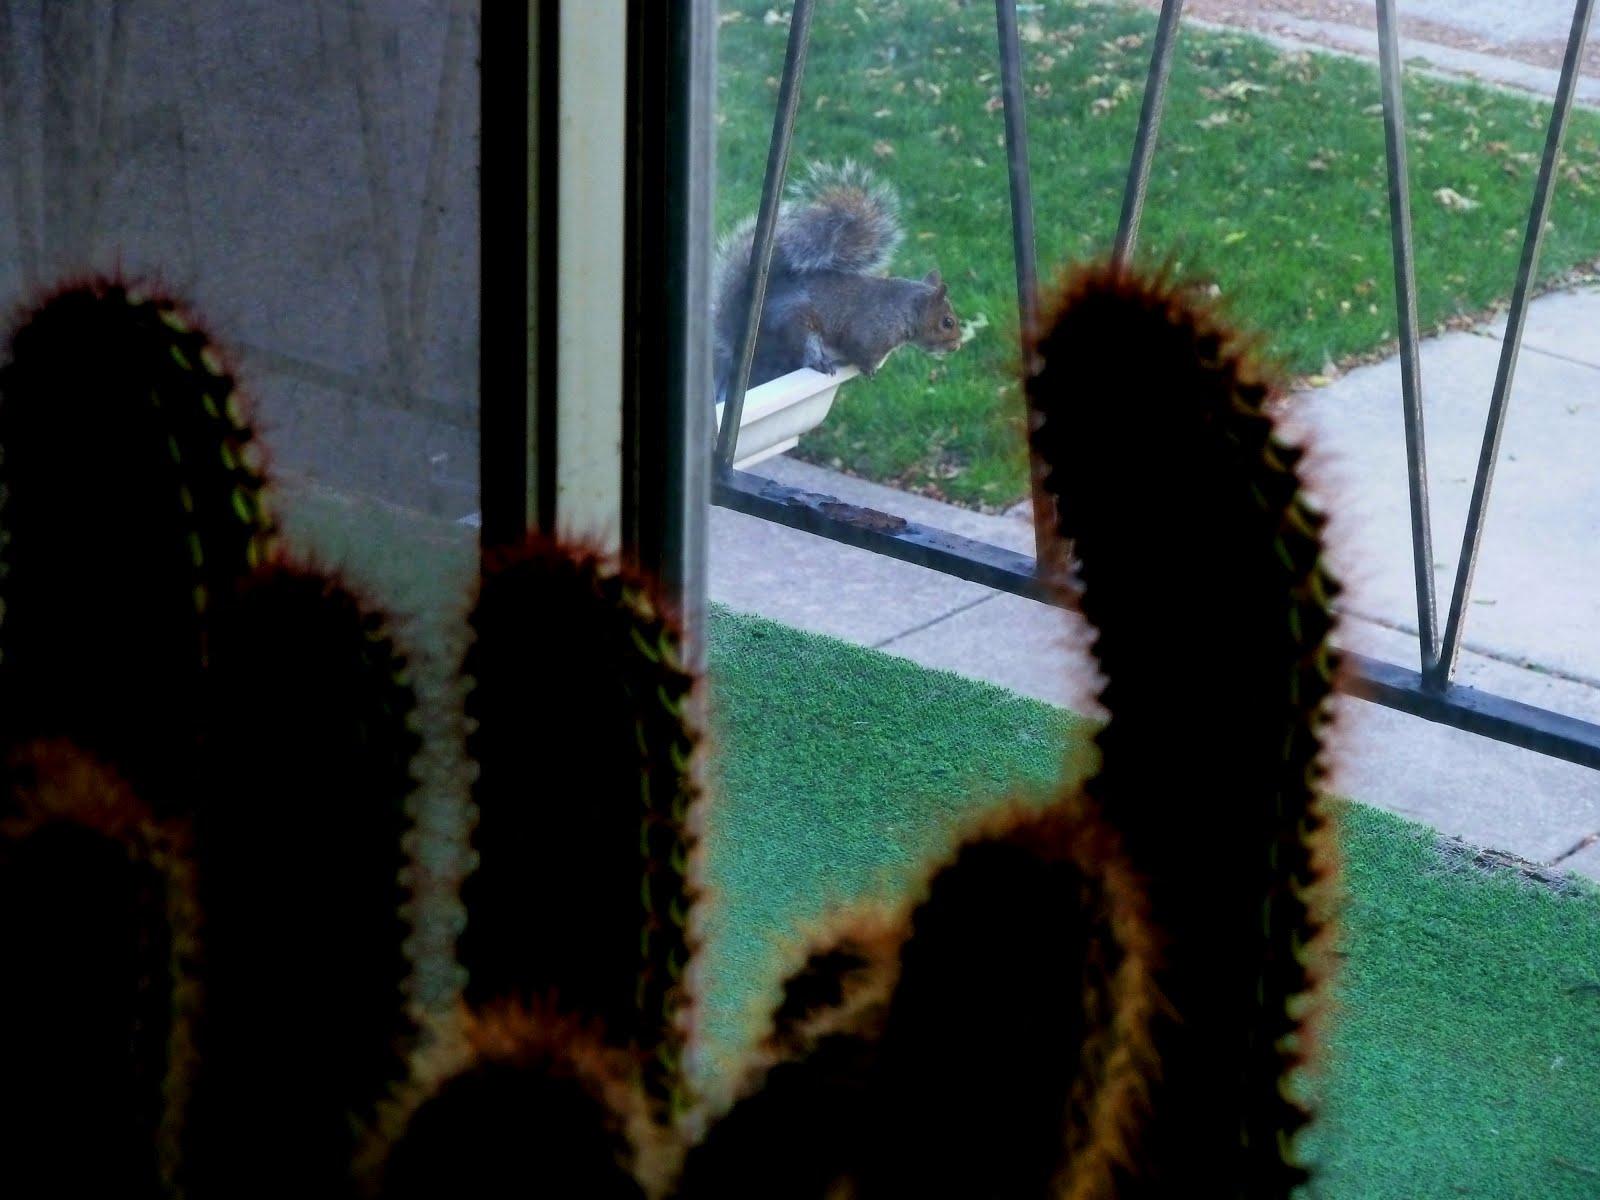 http://3.bp.blogspot.com/-rNNr-RaaMjY/UGFbVFBbpiI/AAAAAAAADhA/qbSbBeMyRnk/s1600/cactus_squirrel2.jpg